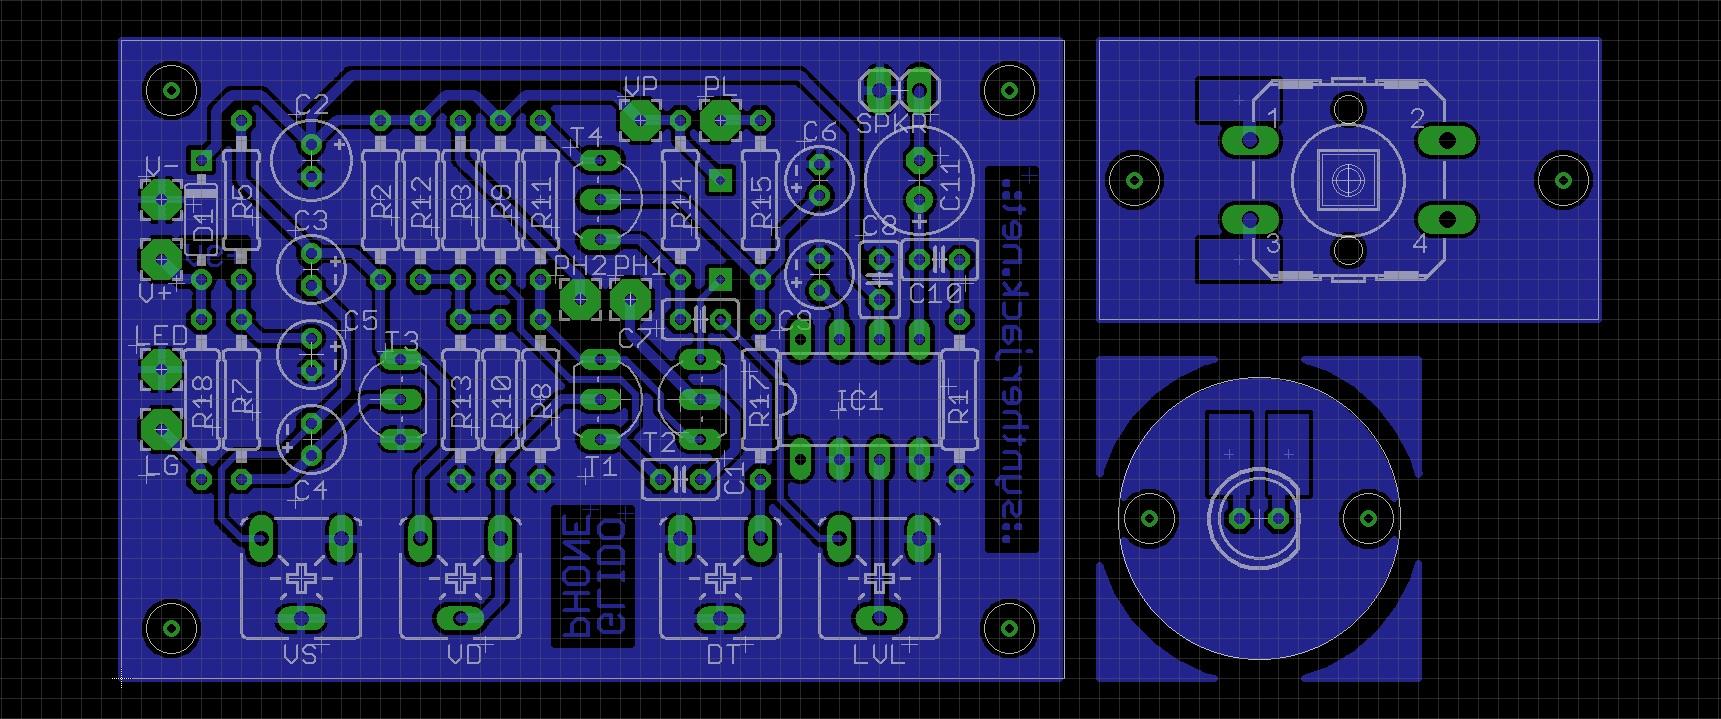 Glidophone PCB design